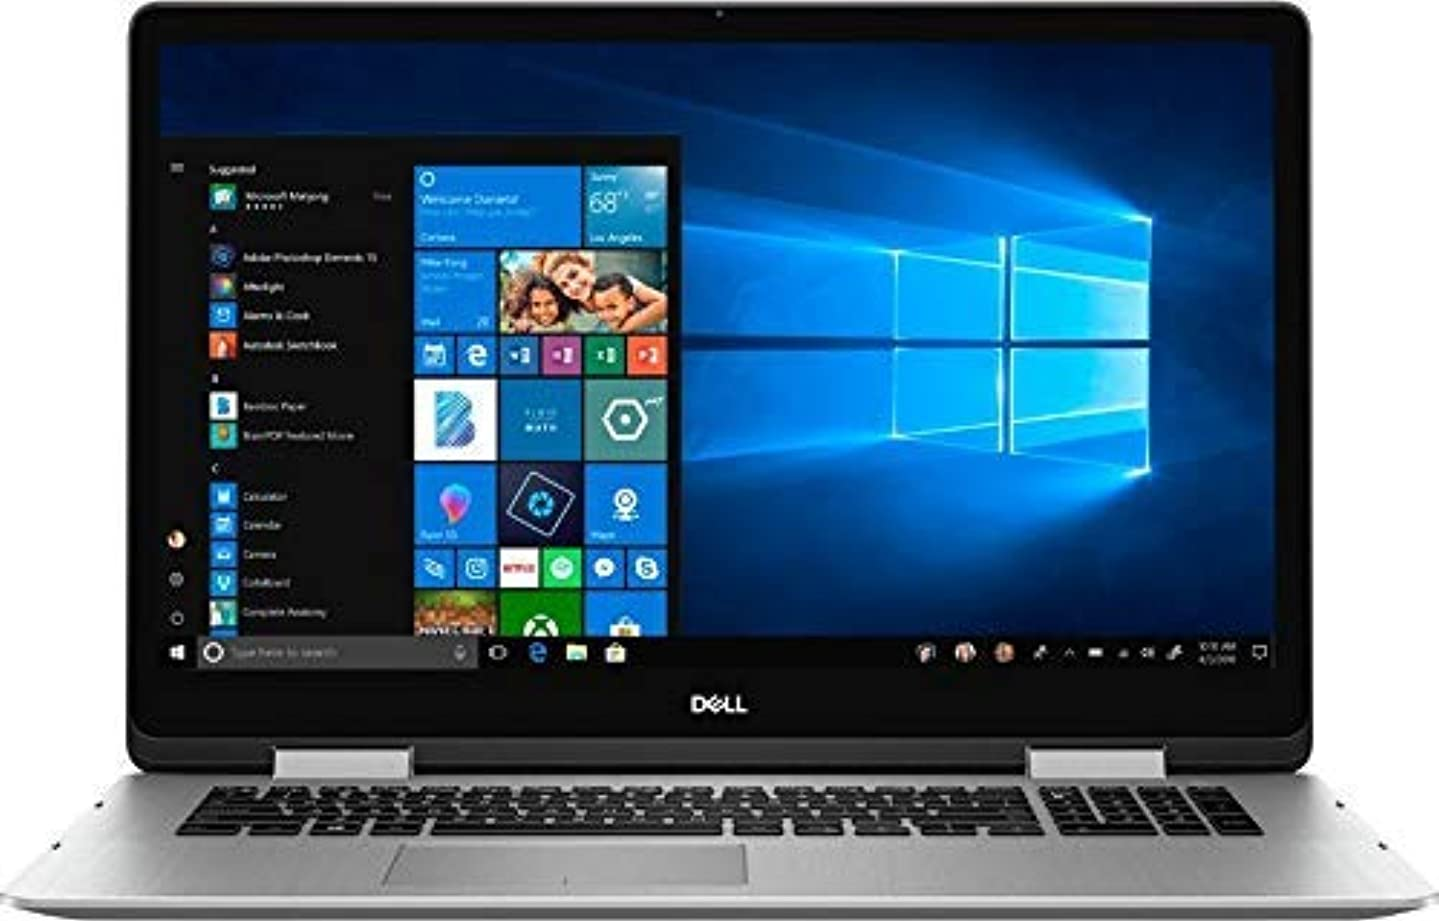 Dell Inspiron 2 in 1 17.3